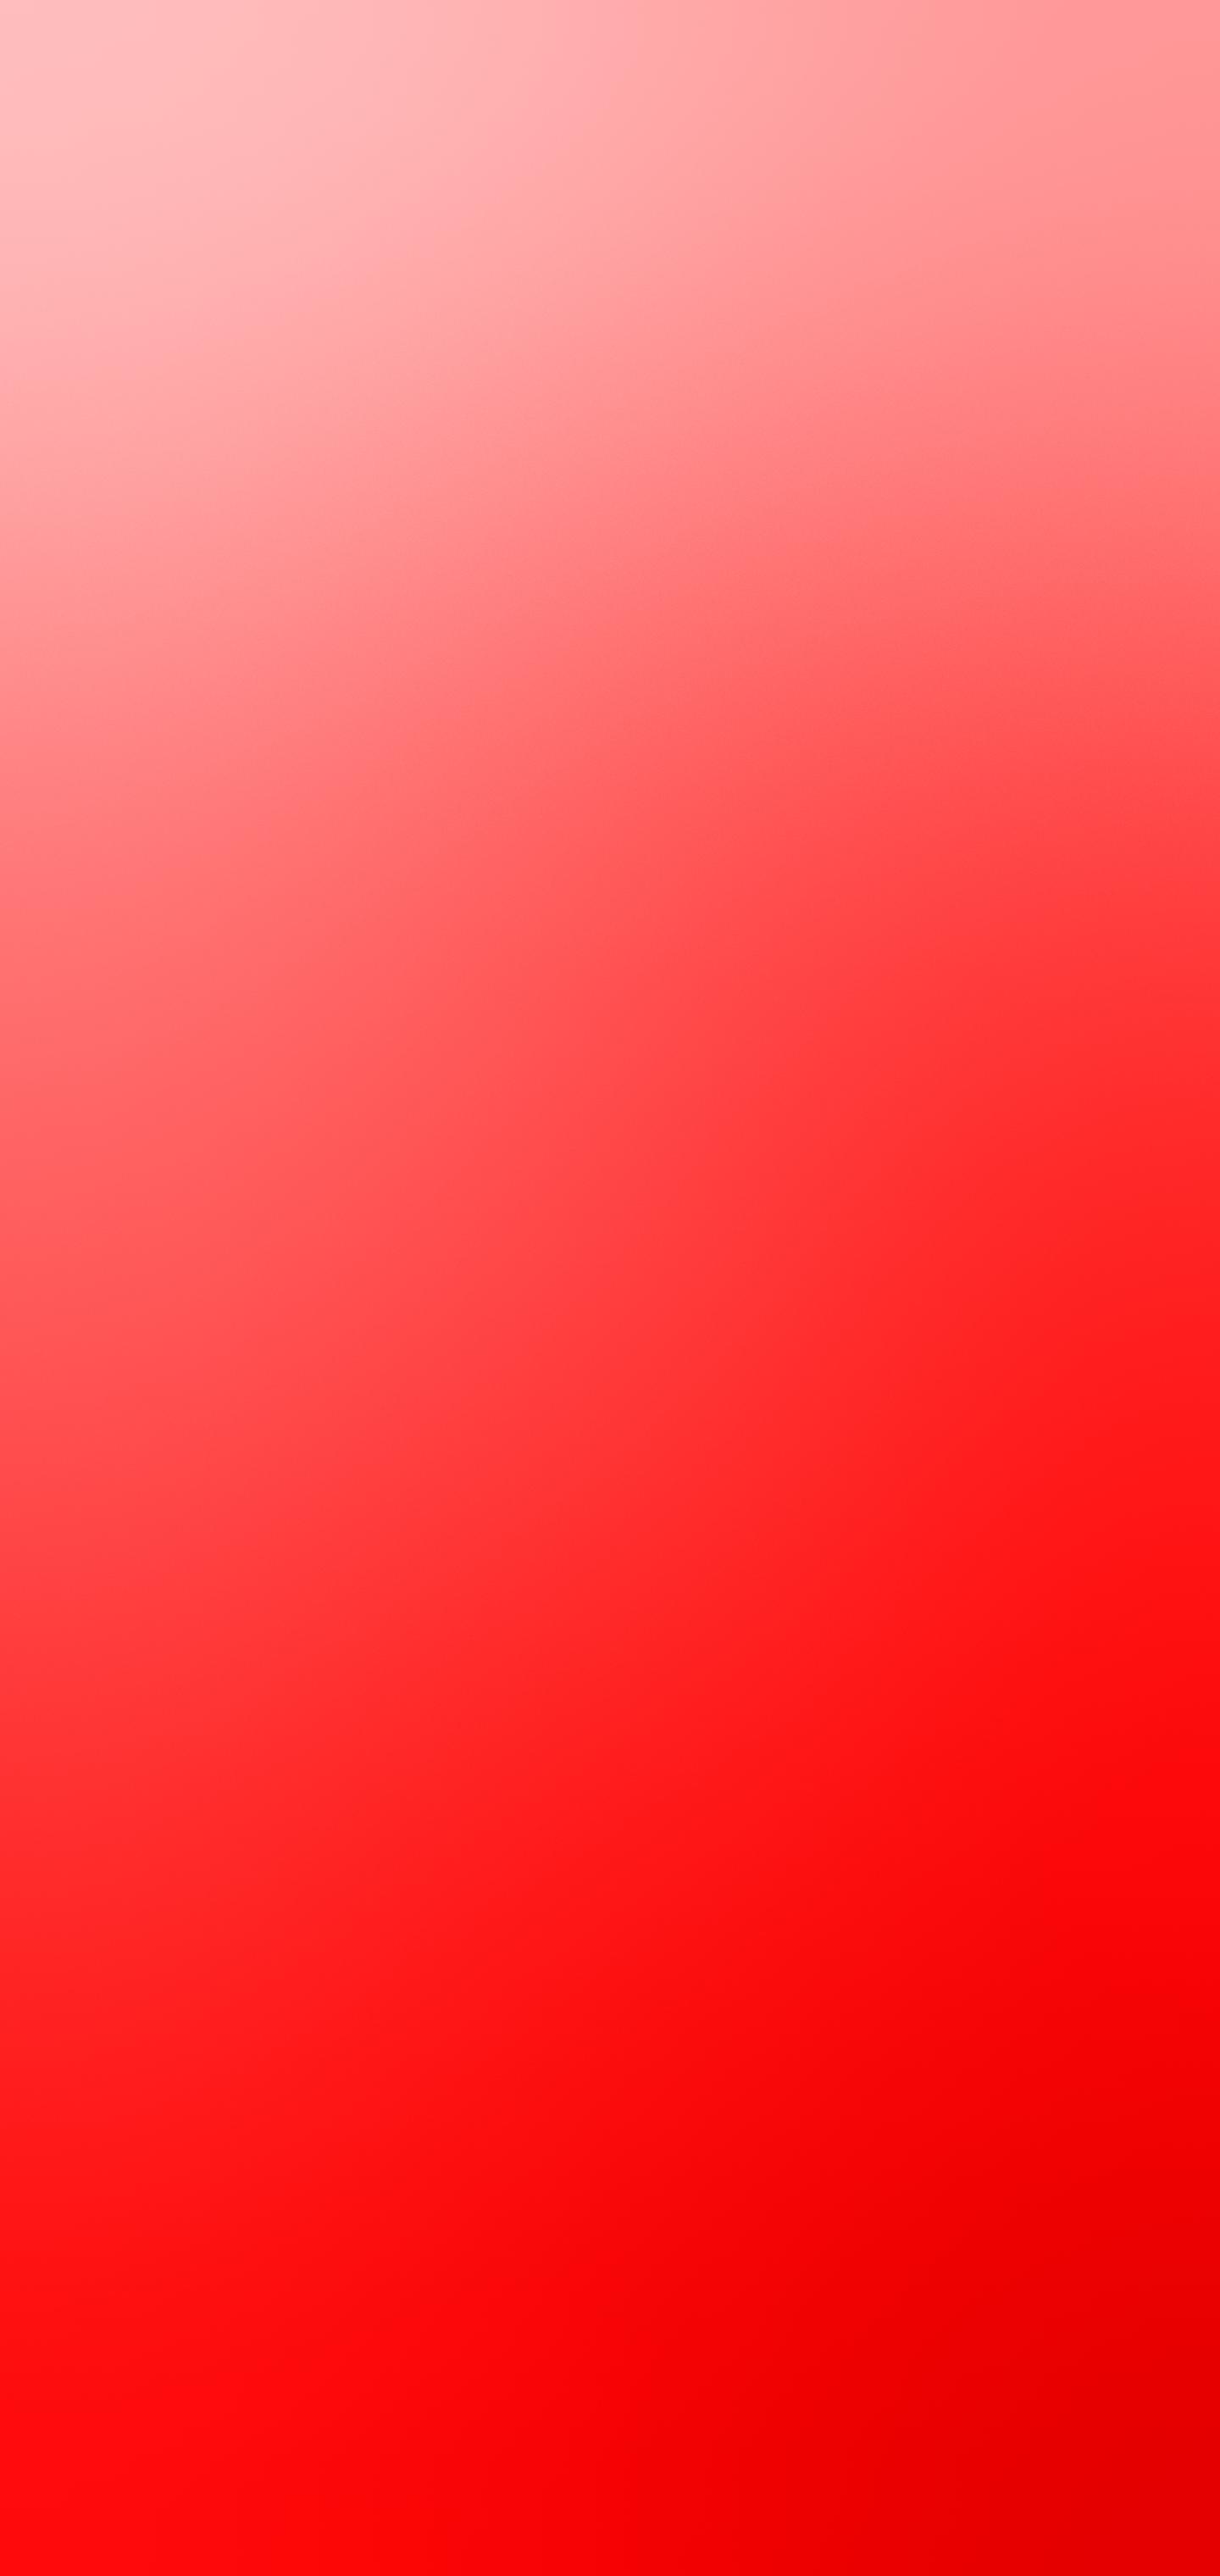 gradient iPhone wallpaper marcusbremen idownloadblog red